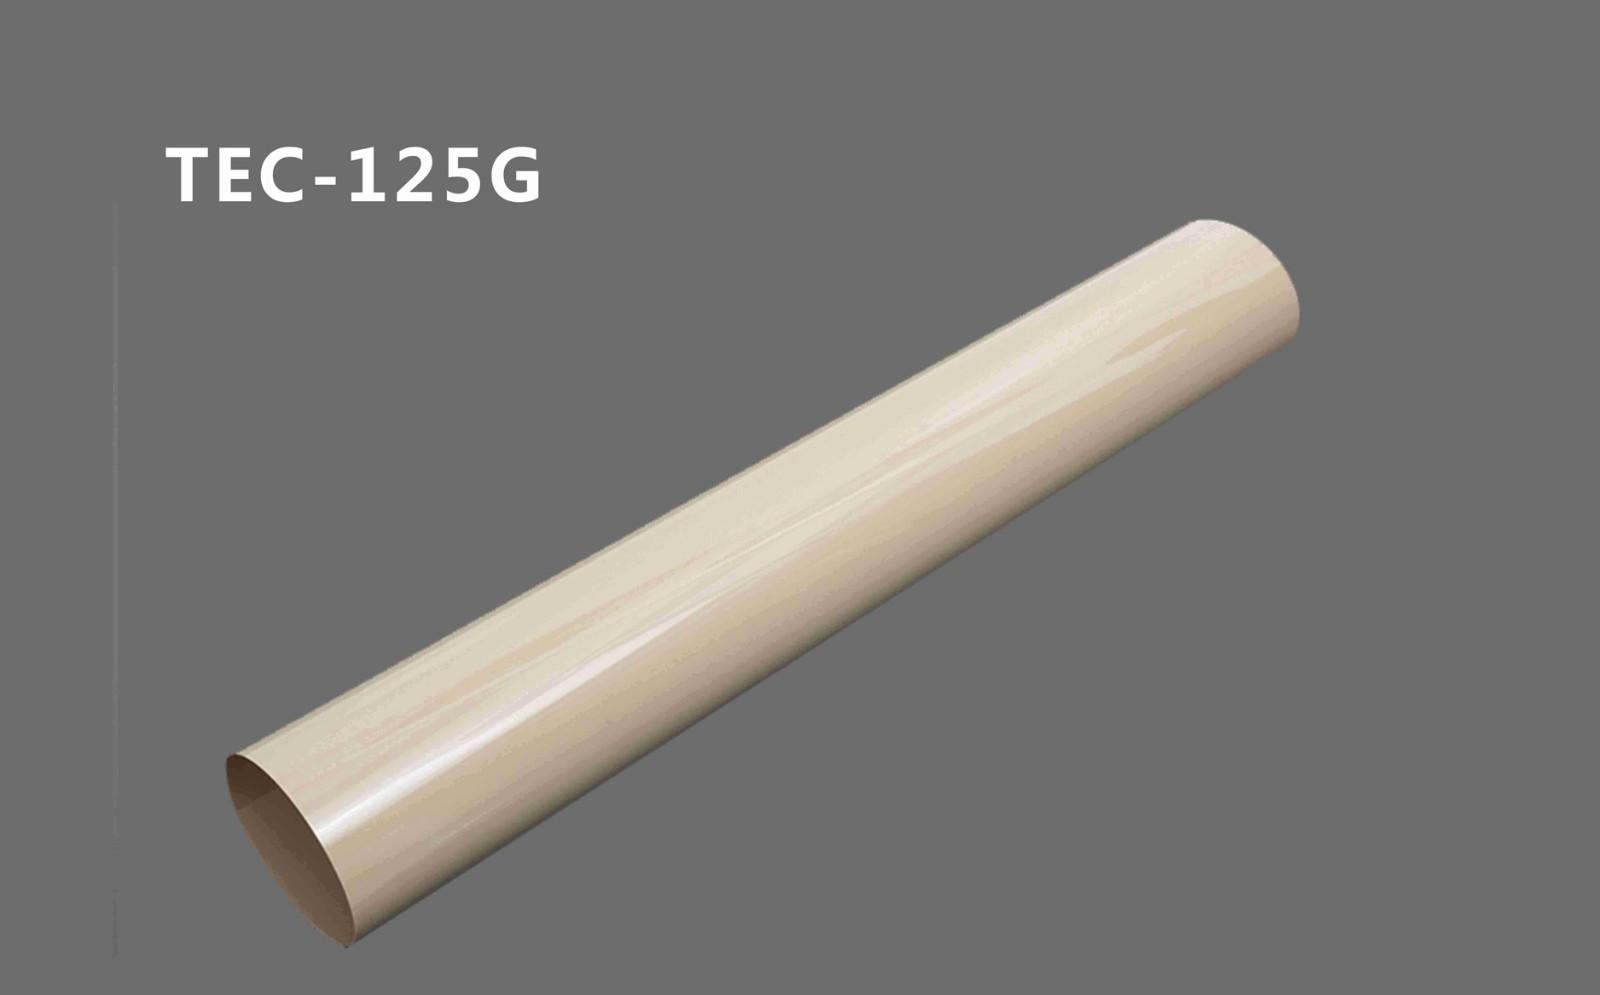 TEC-125G